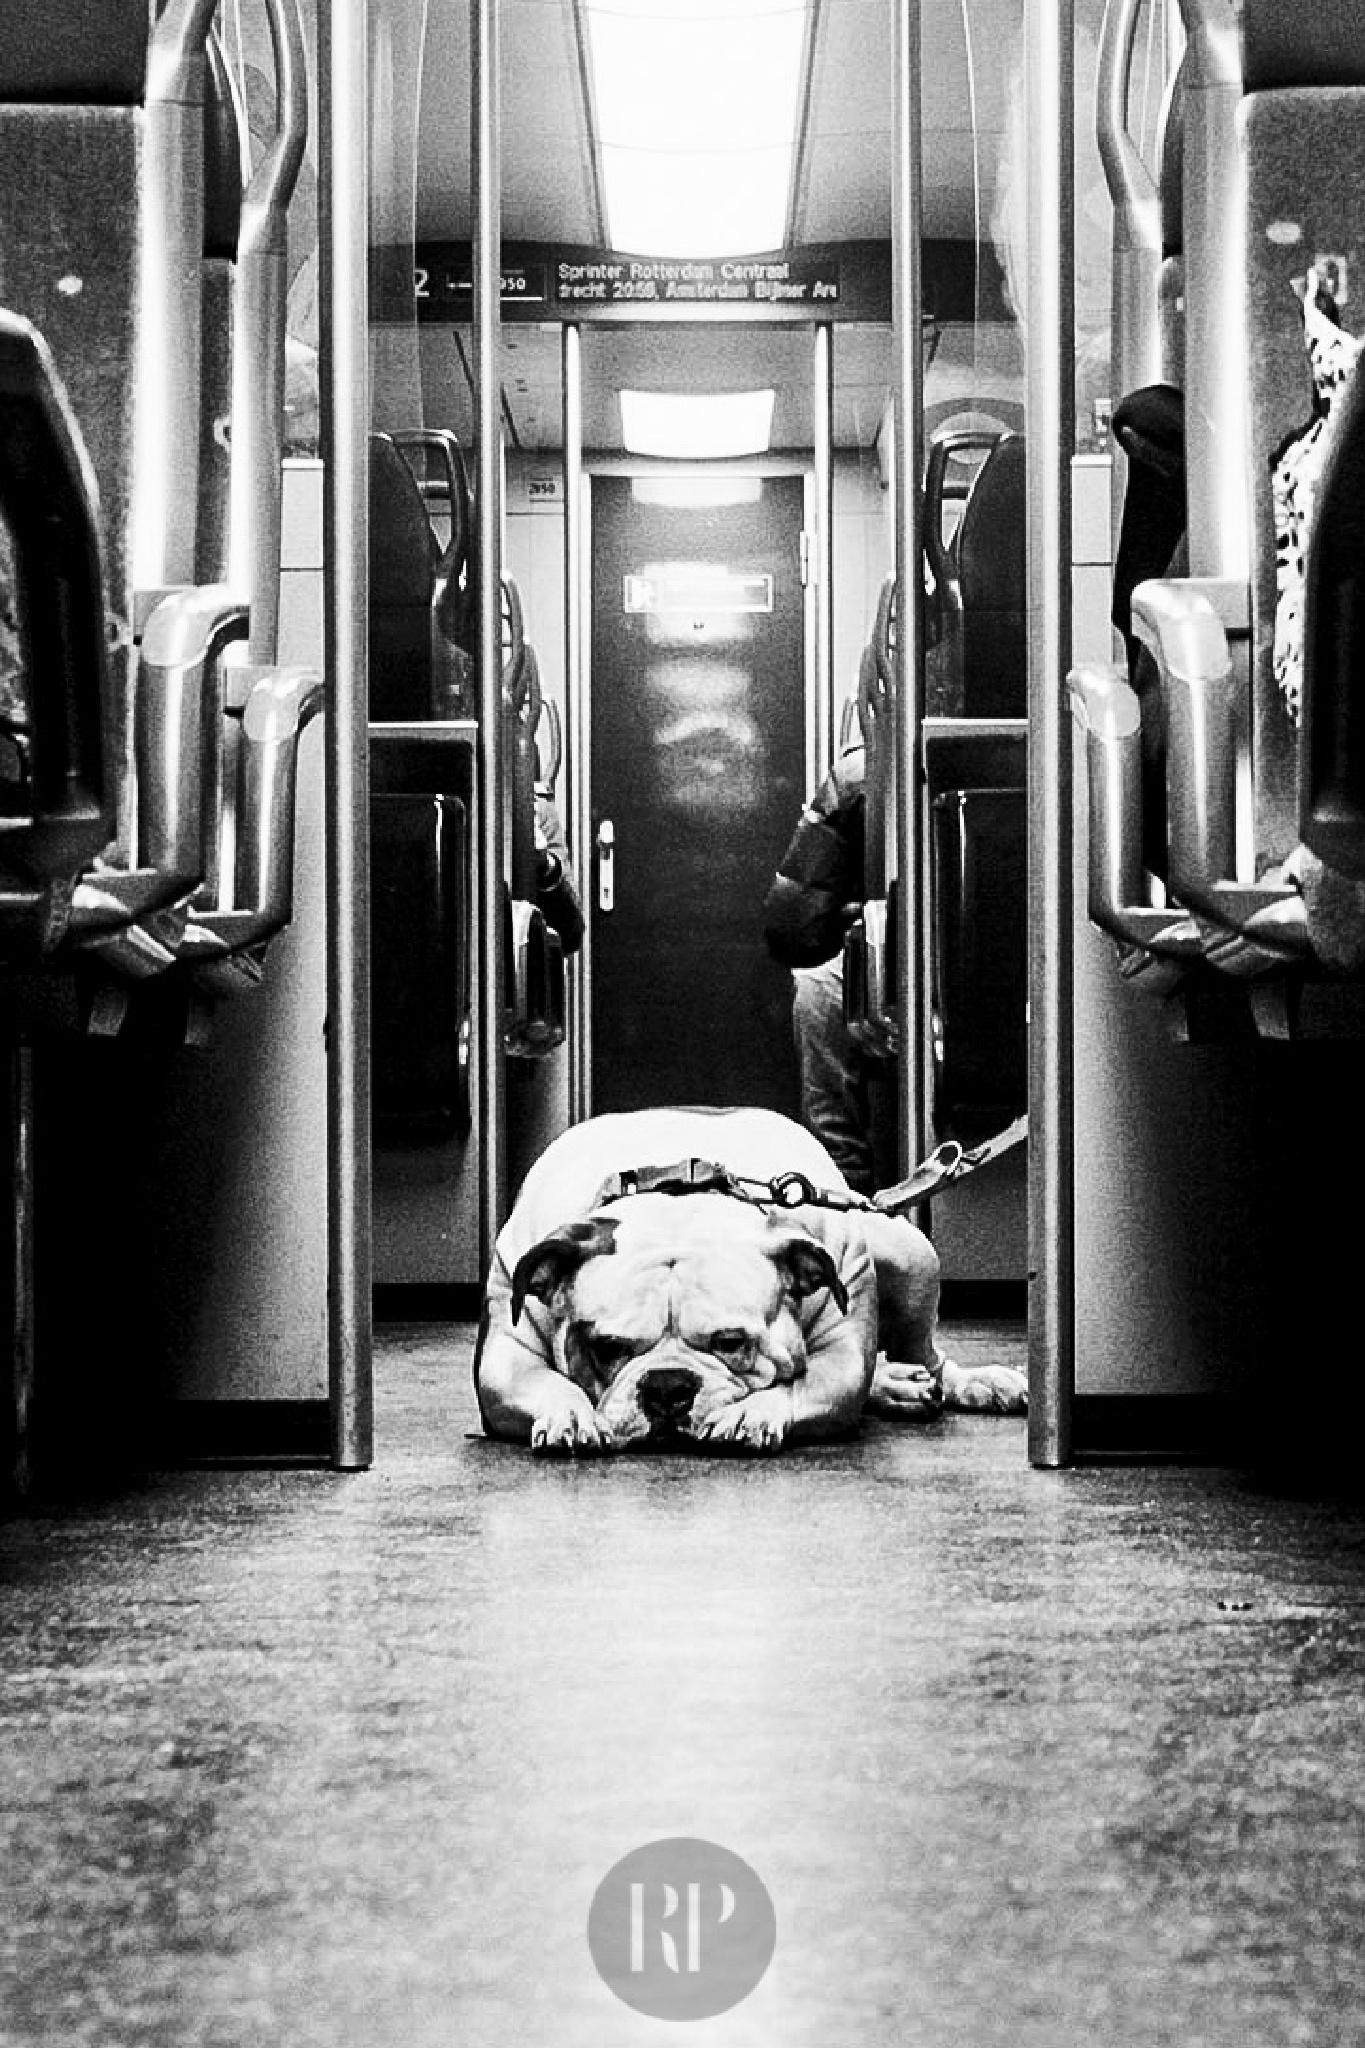 Dog Portrait Series - Bull Dog on a Train by Robynne Peatfield